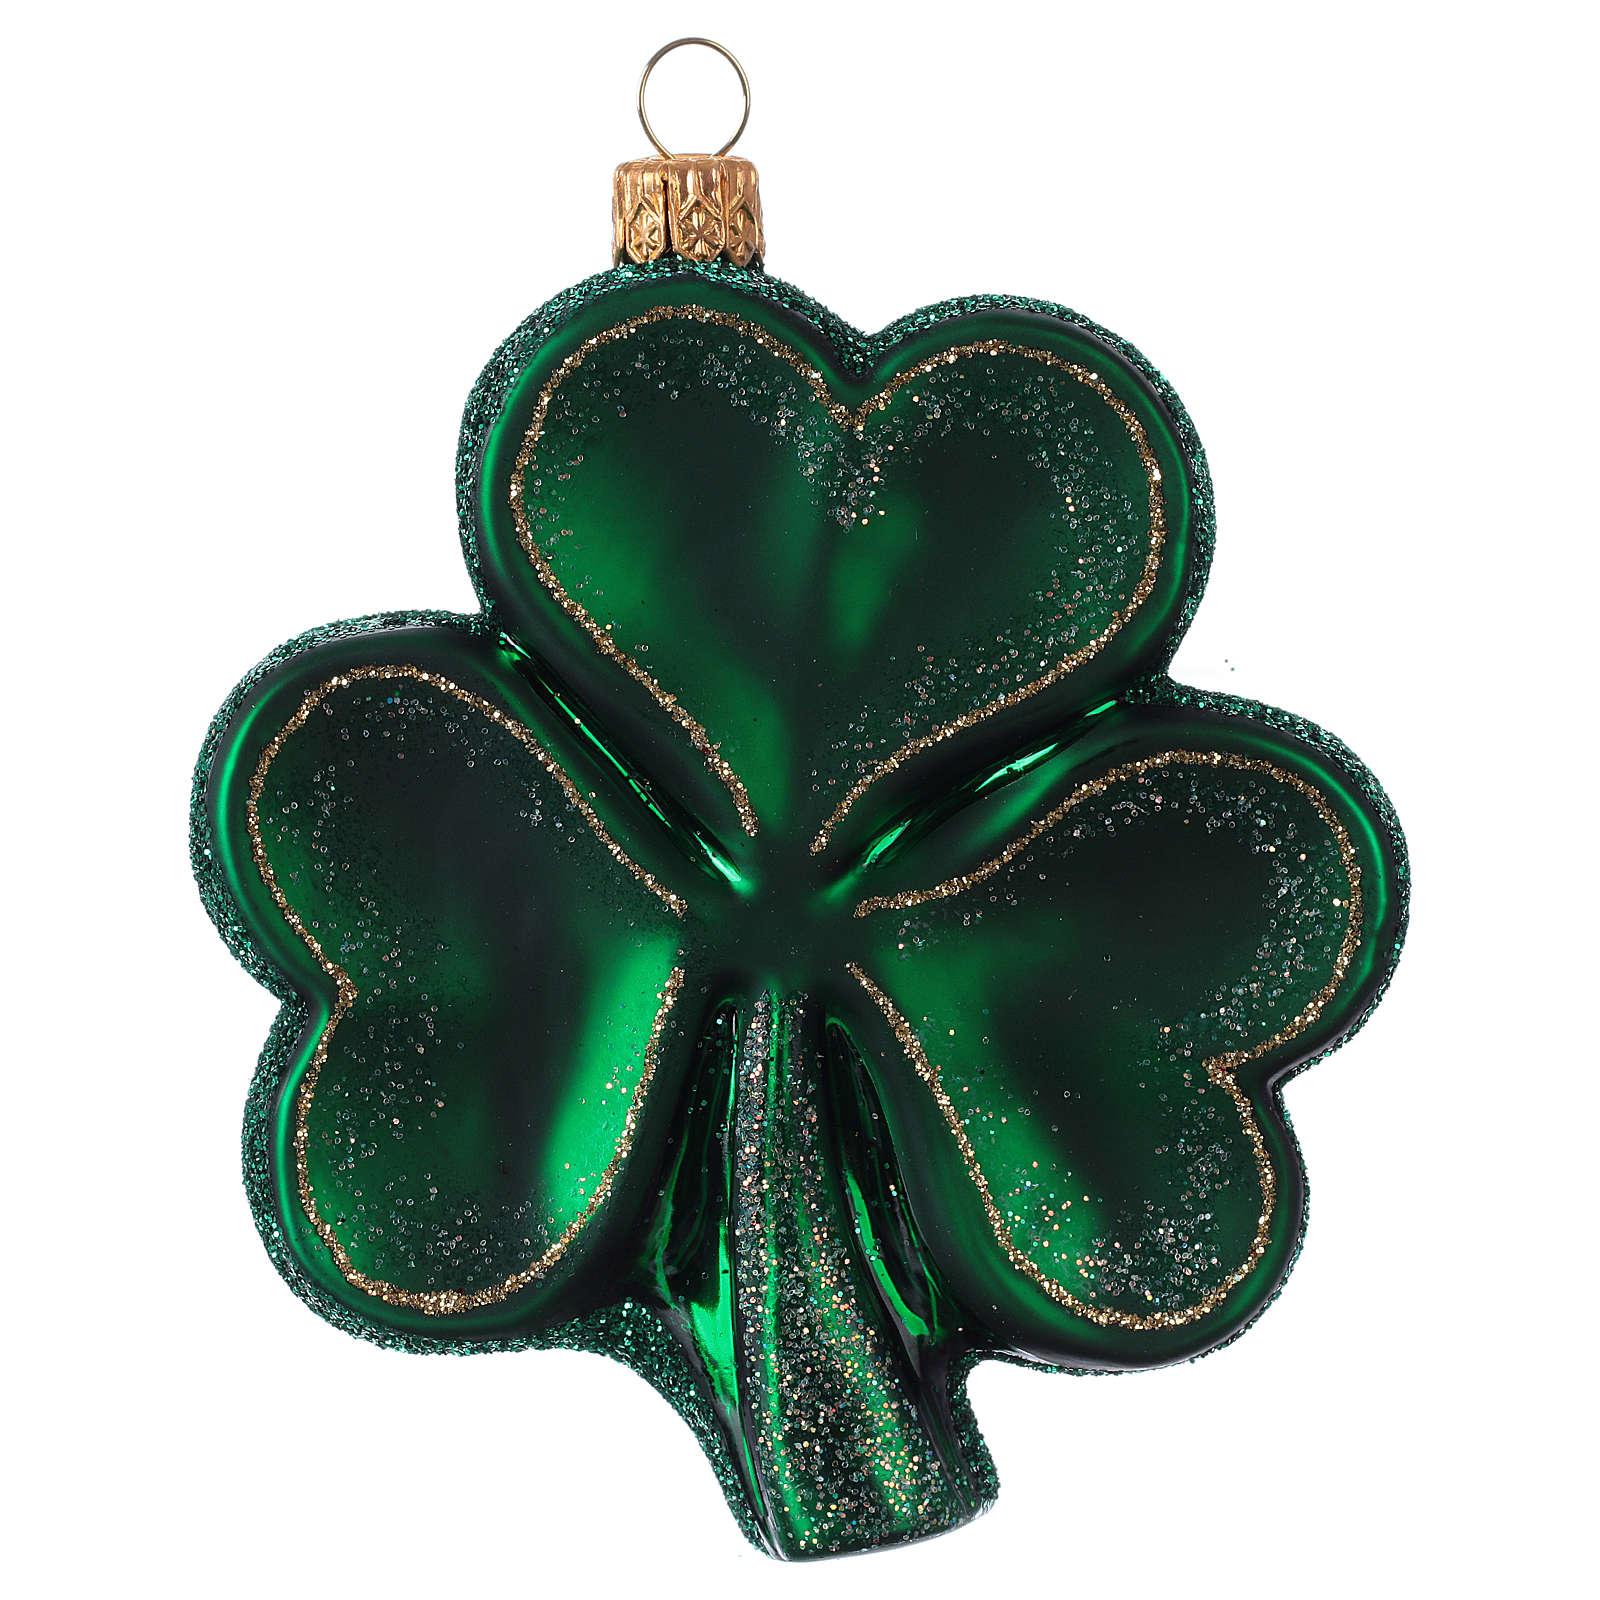 Trébol decoración árbol de Navidad símbolo Irlanda de vidrio soplado 4